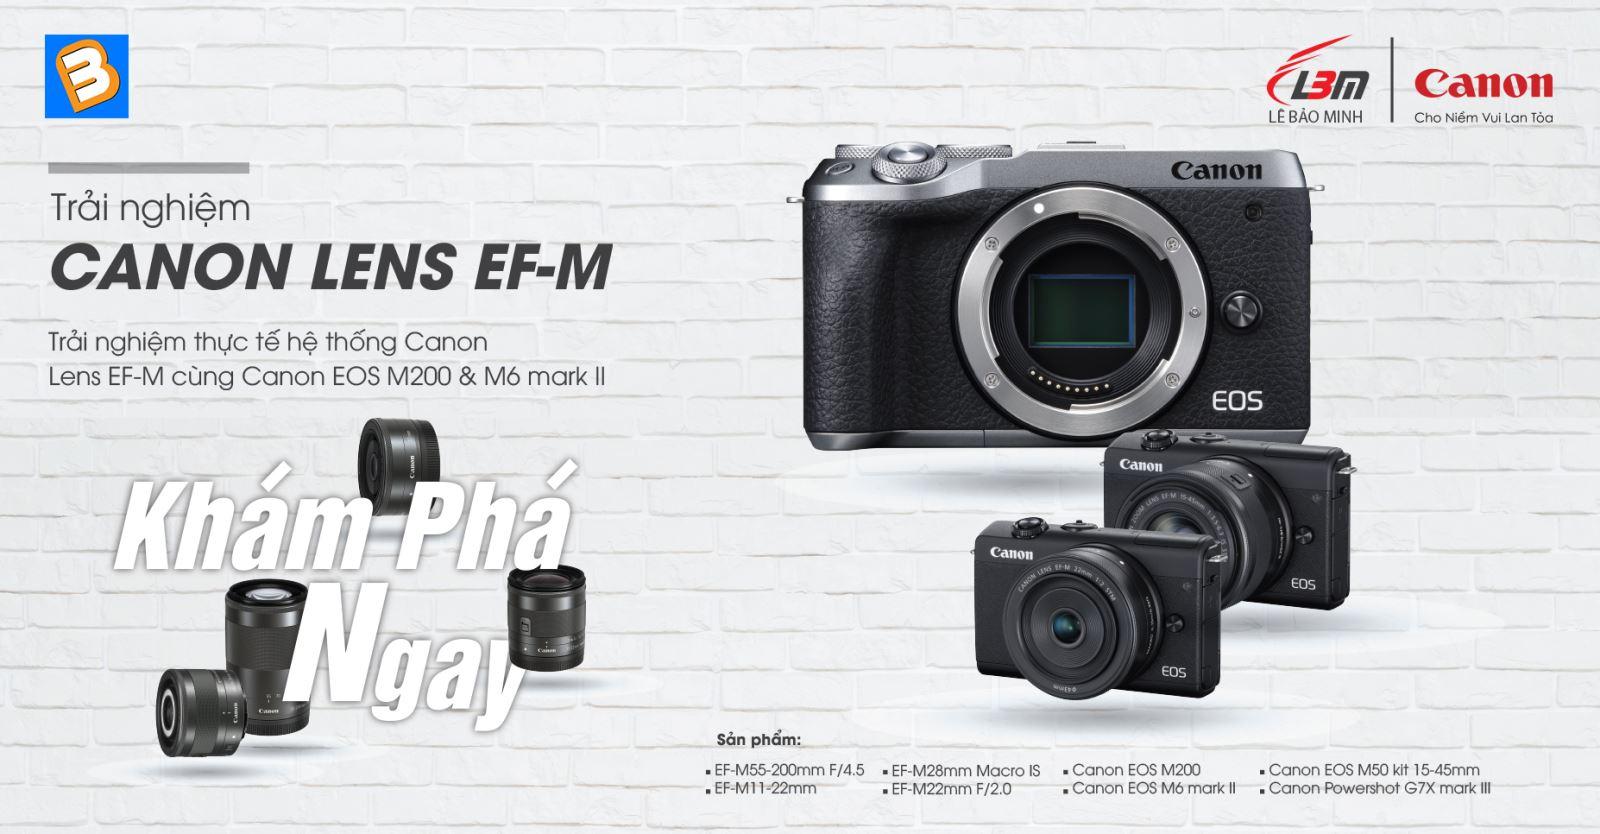 Trải nghiệm hệ lens EF-M và máy ảnh EOS M200, M6 II tại Binhminhdigital trai nghiem he lens